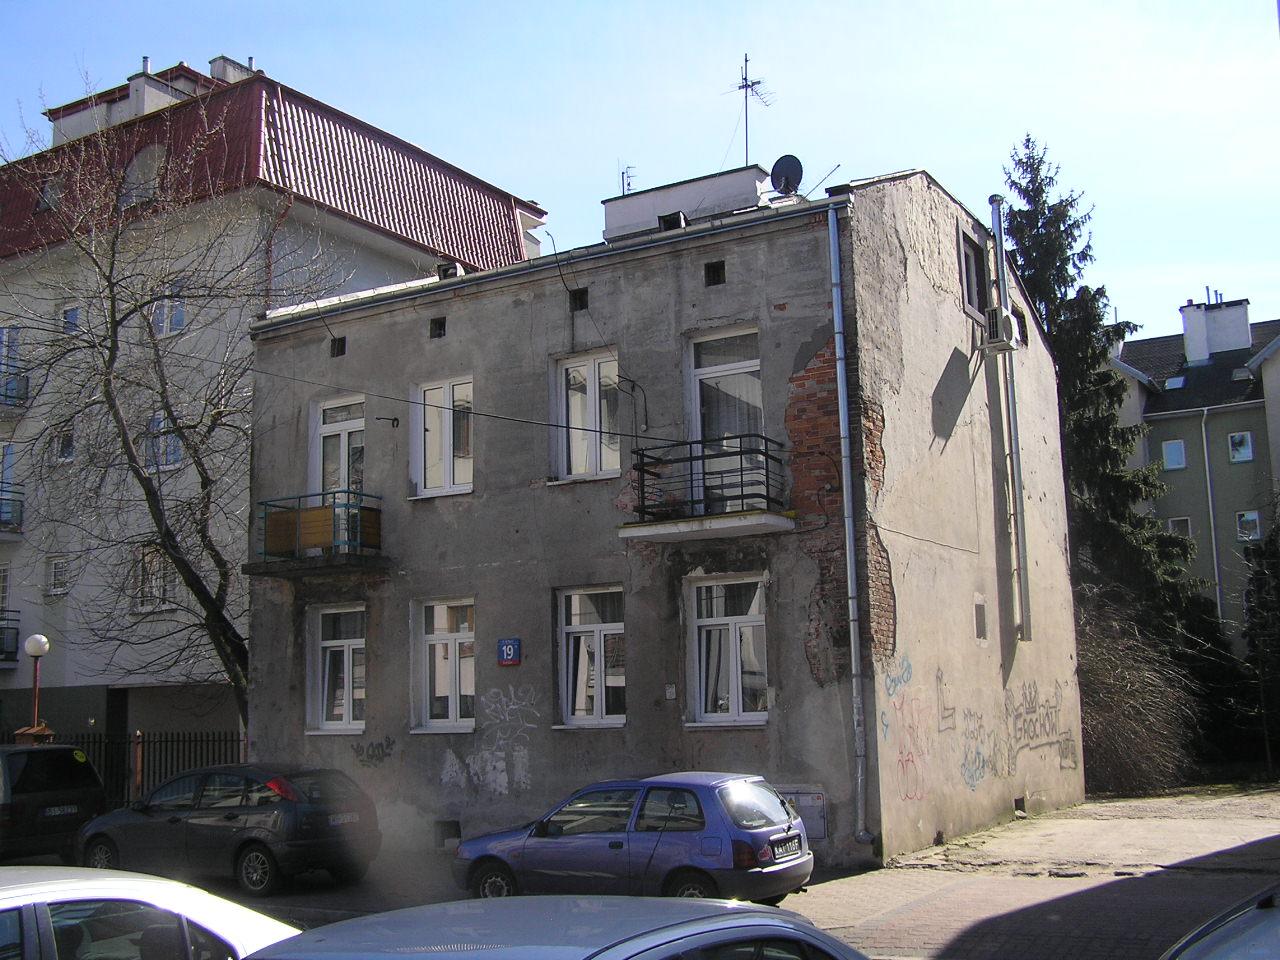 Kamienica przy ulicy Paca 19 na Grochowie